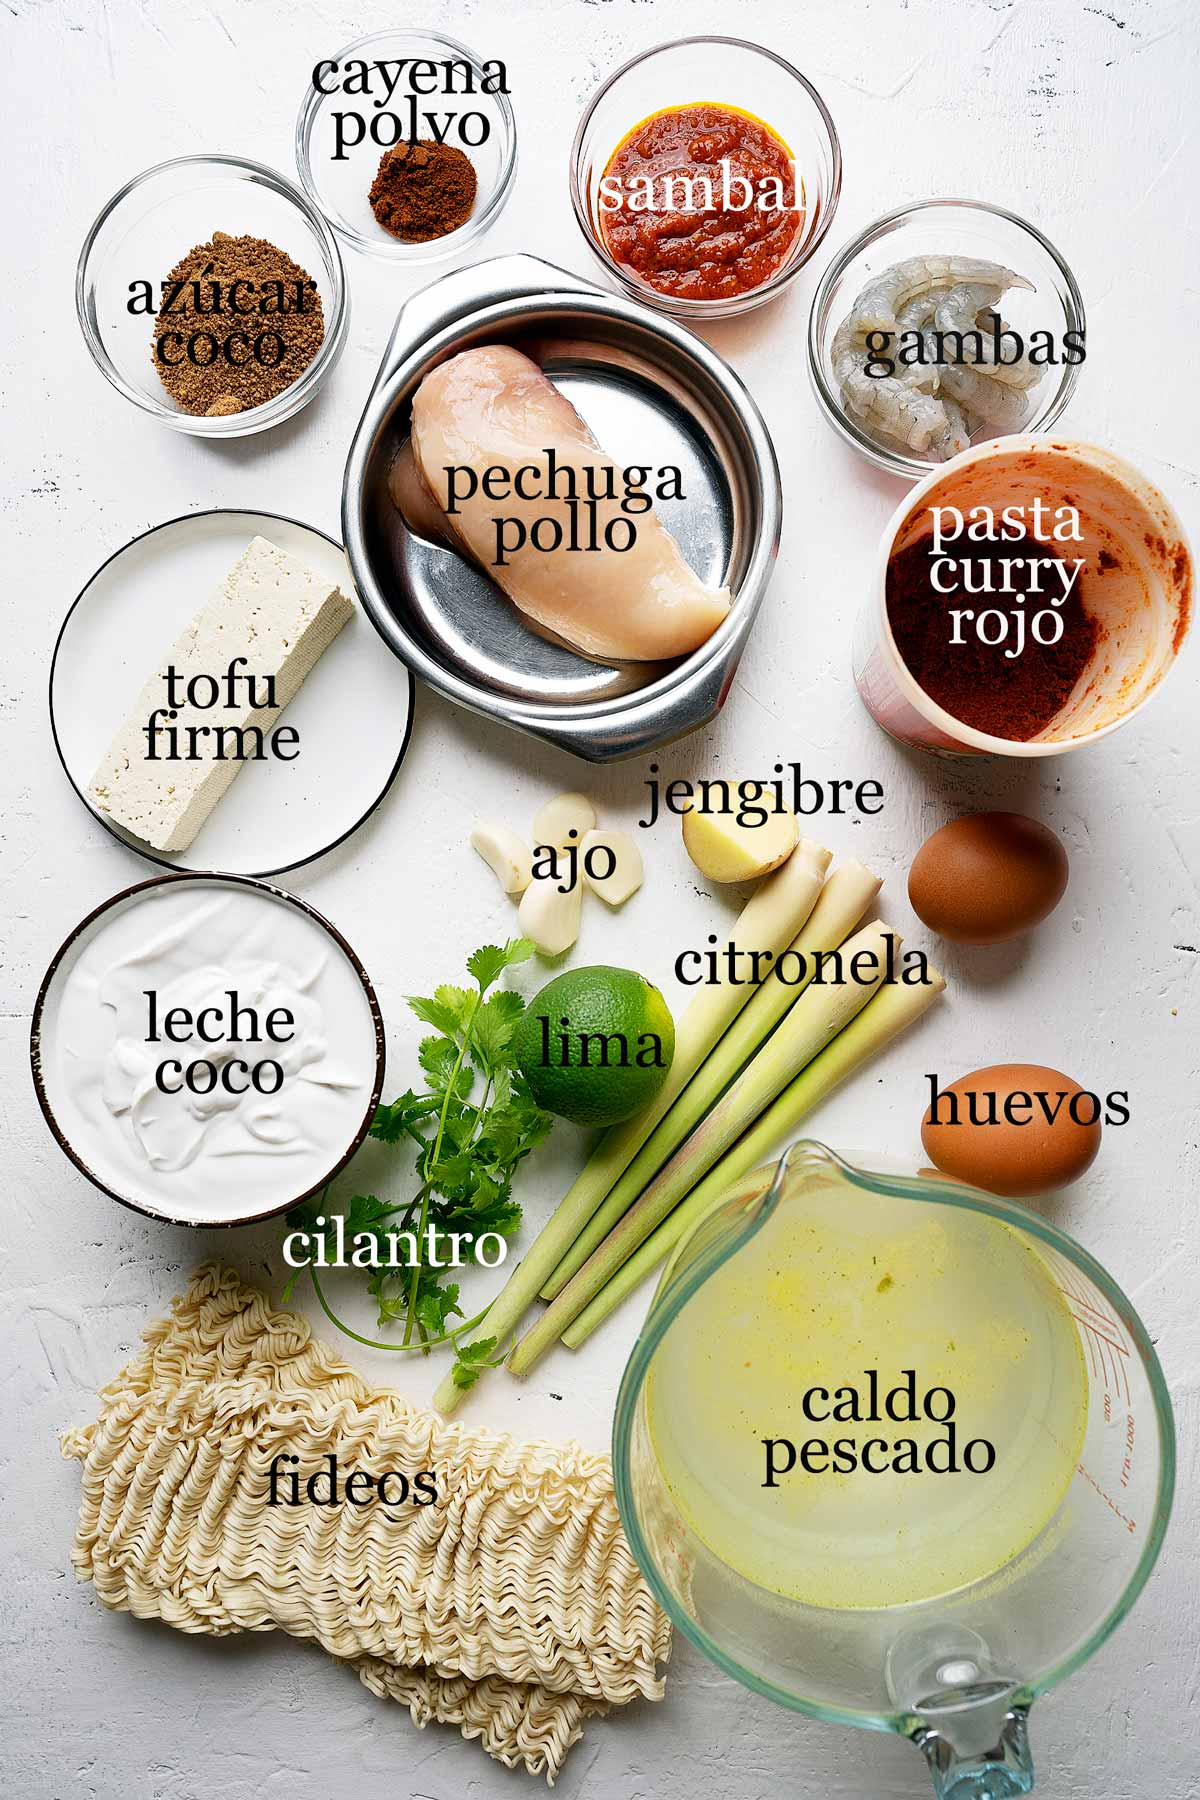 ingredientes para hacer curry rojo laksa malasio.